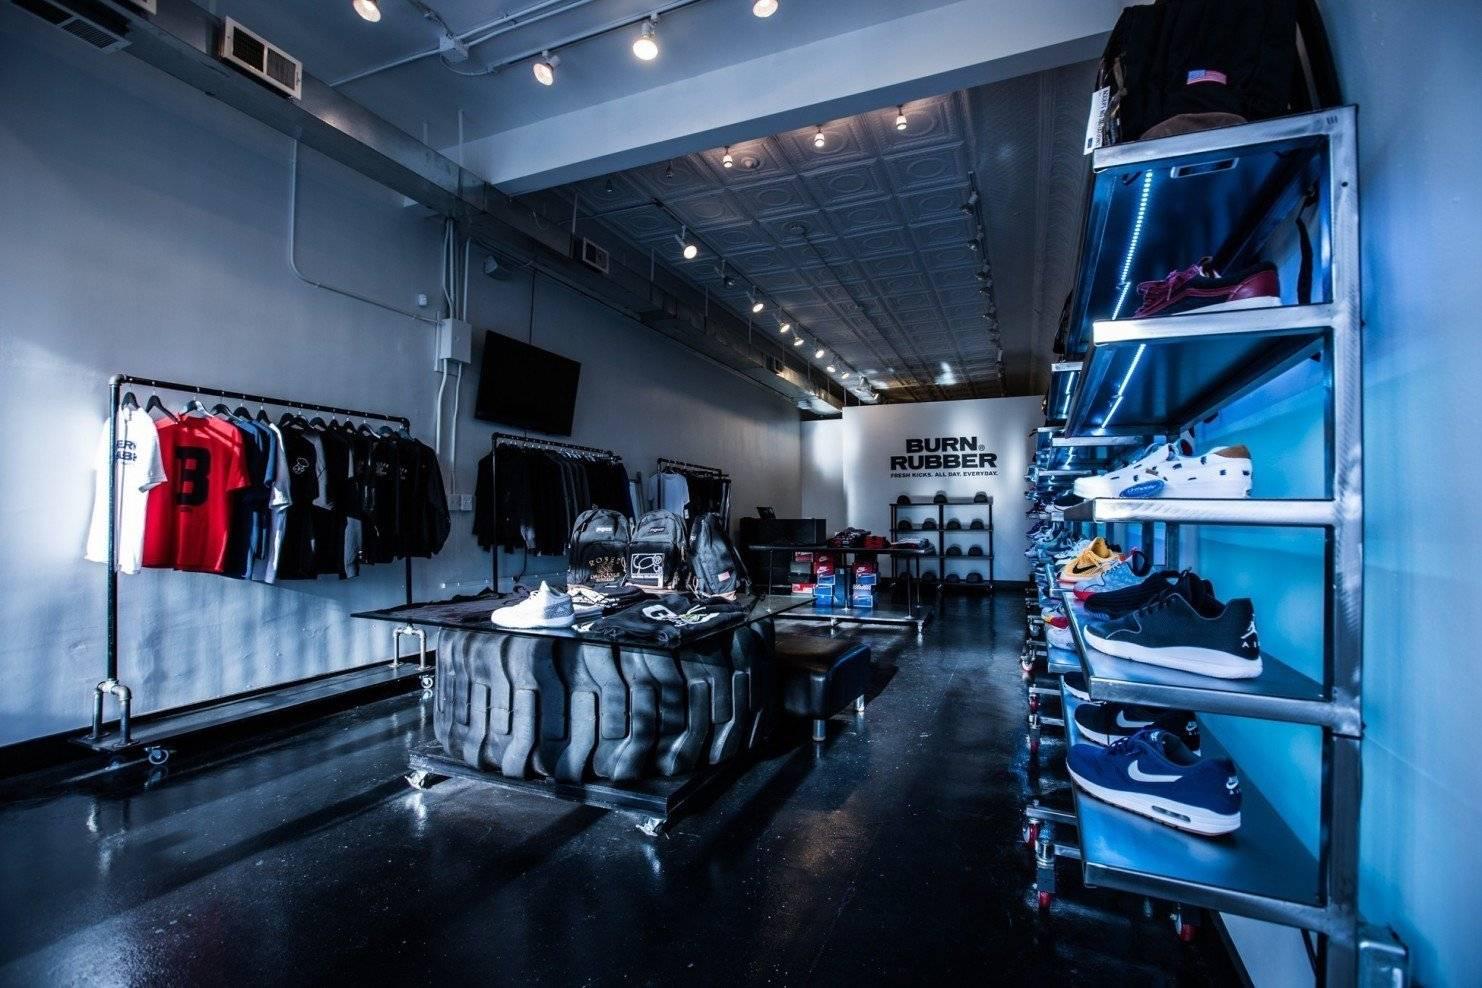 Магазин Burn Rubber — центральный сникер-бутик Детройта